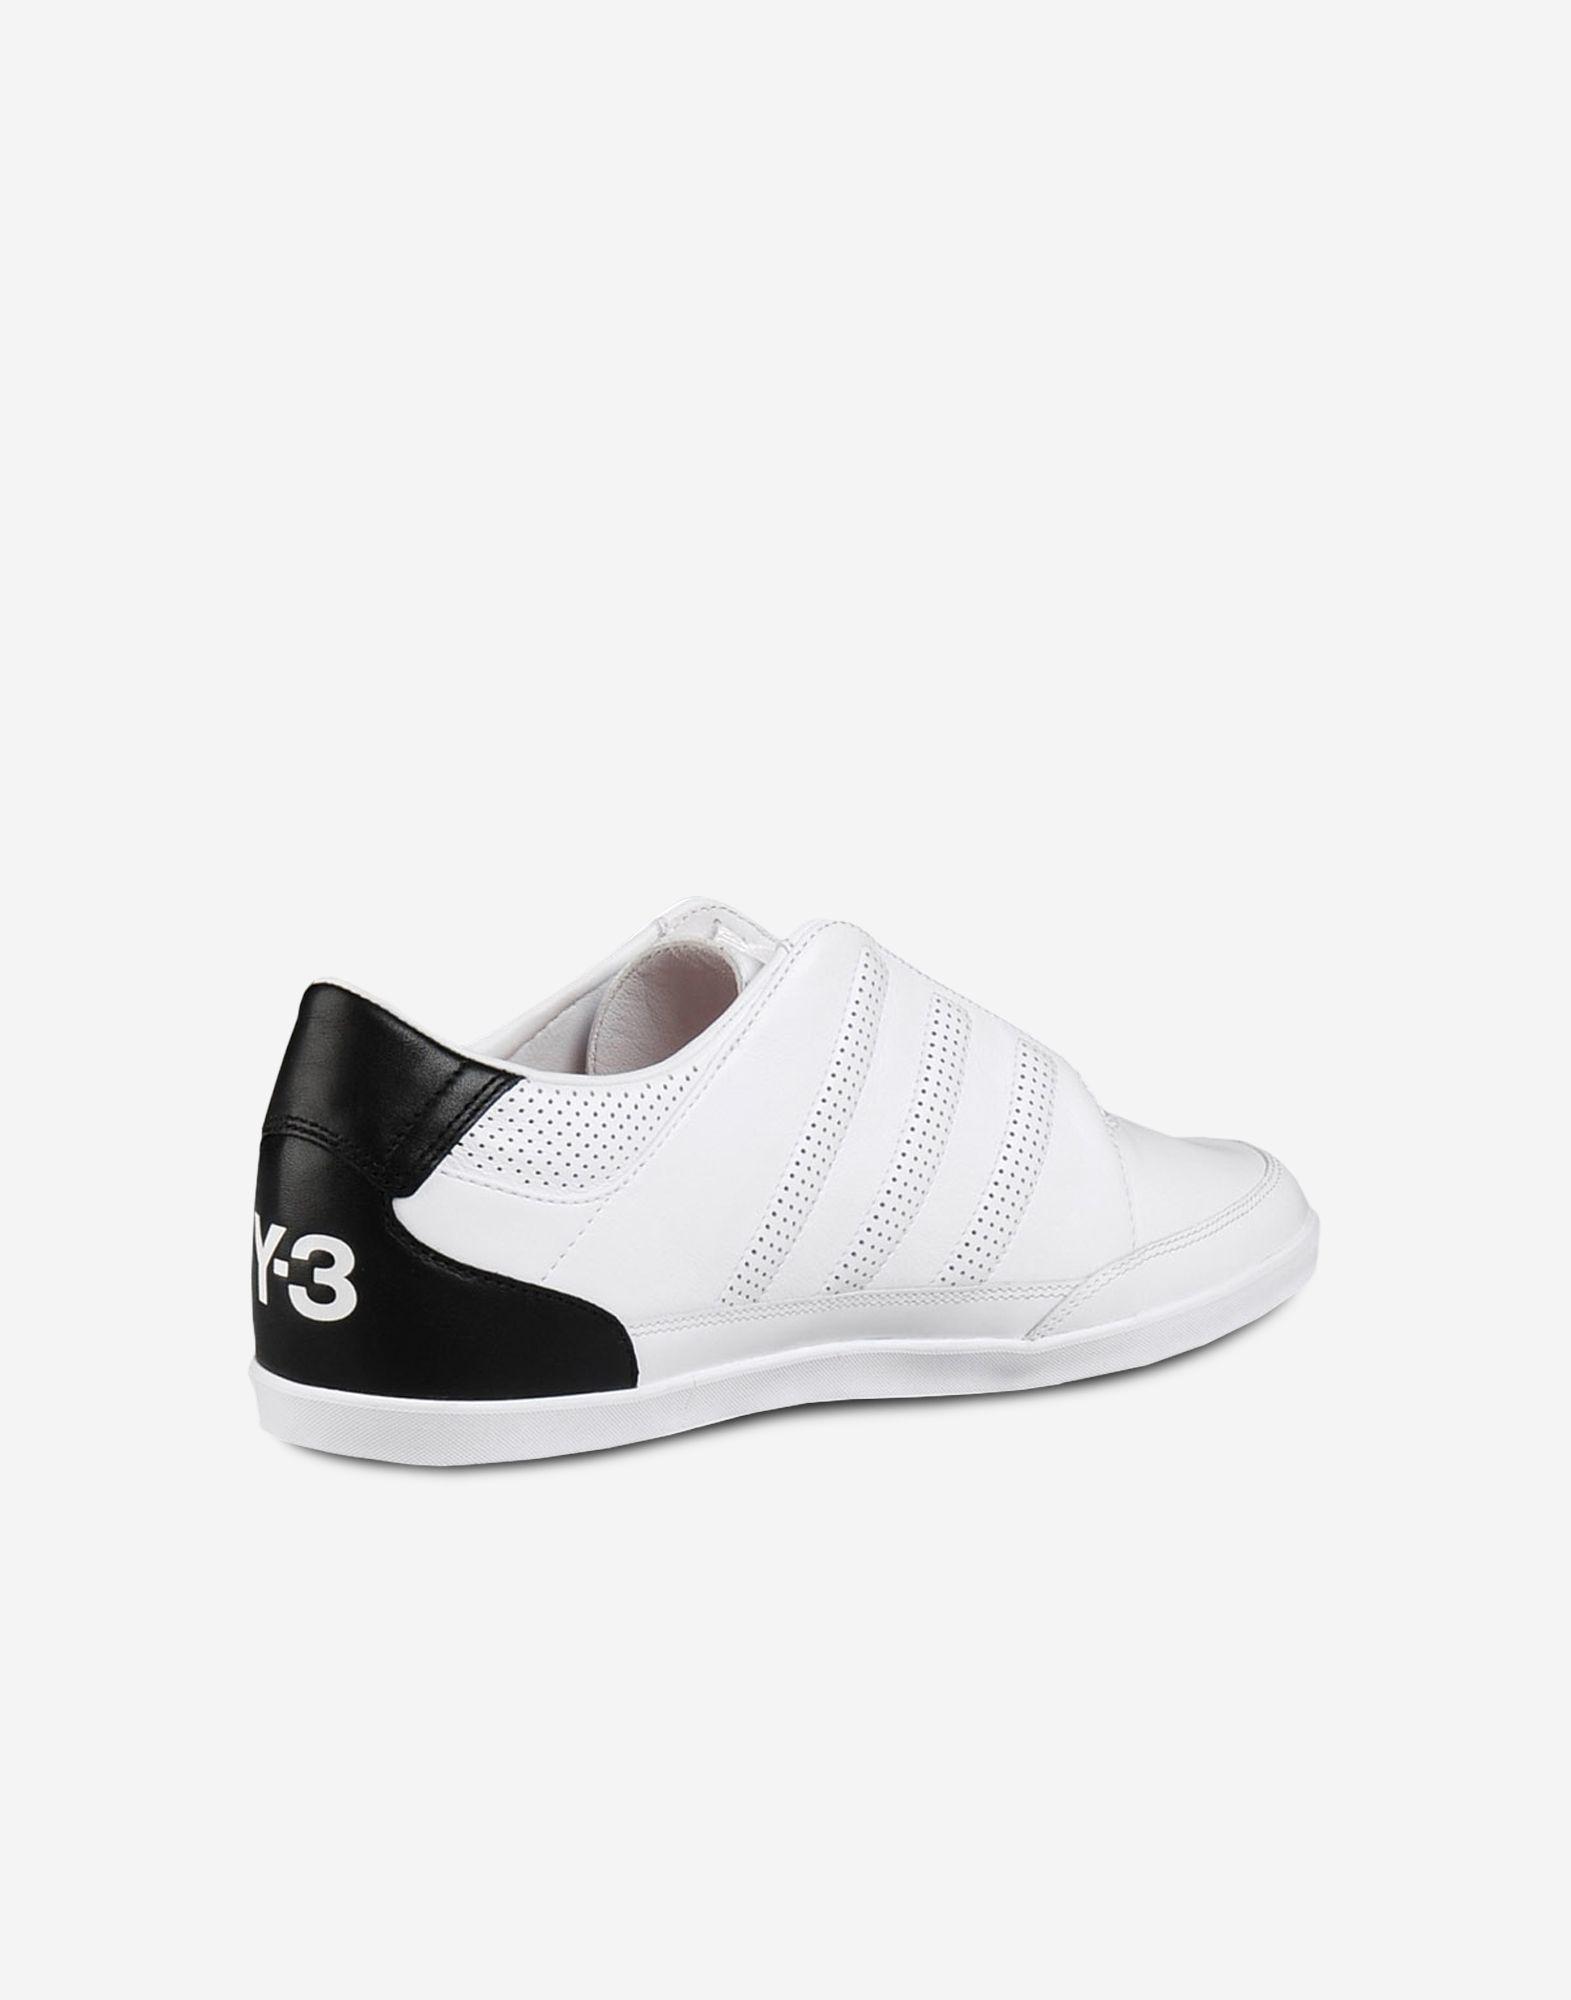 0eeb1ece9afae Lyst - Y-3 Honja Low Classic Ii in White for Men